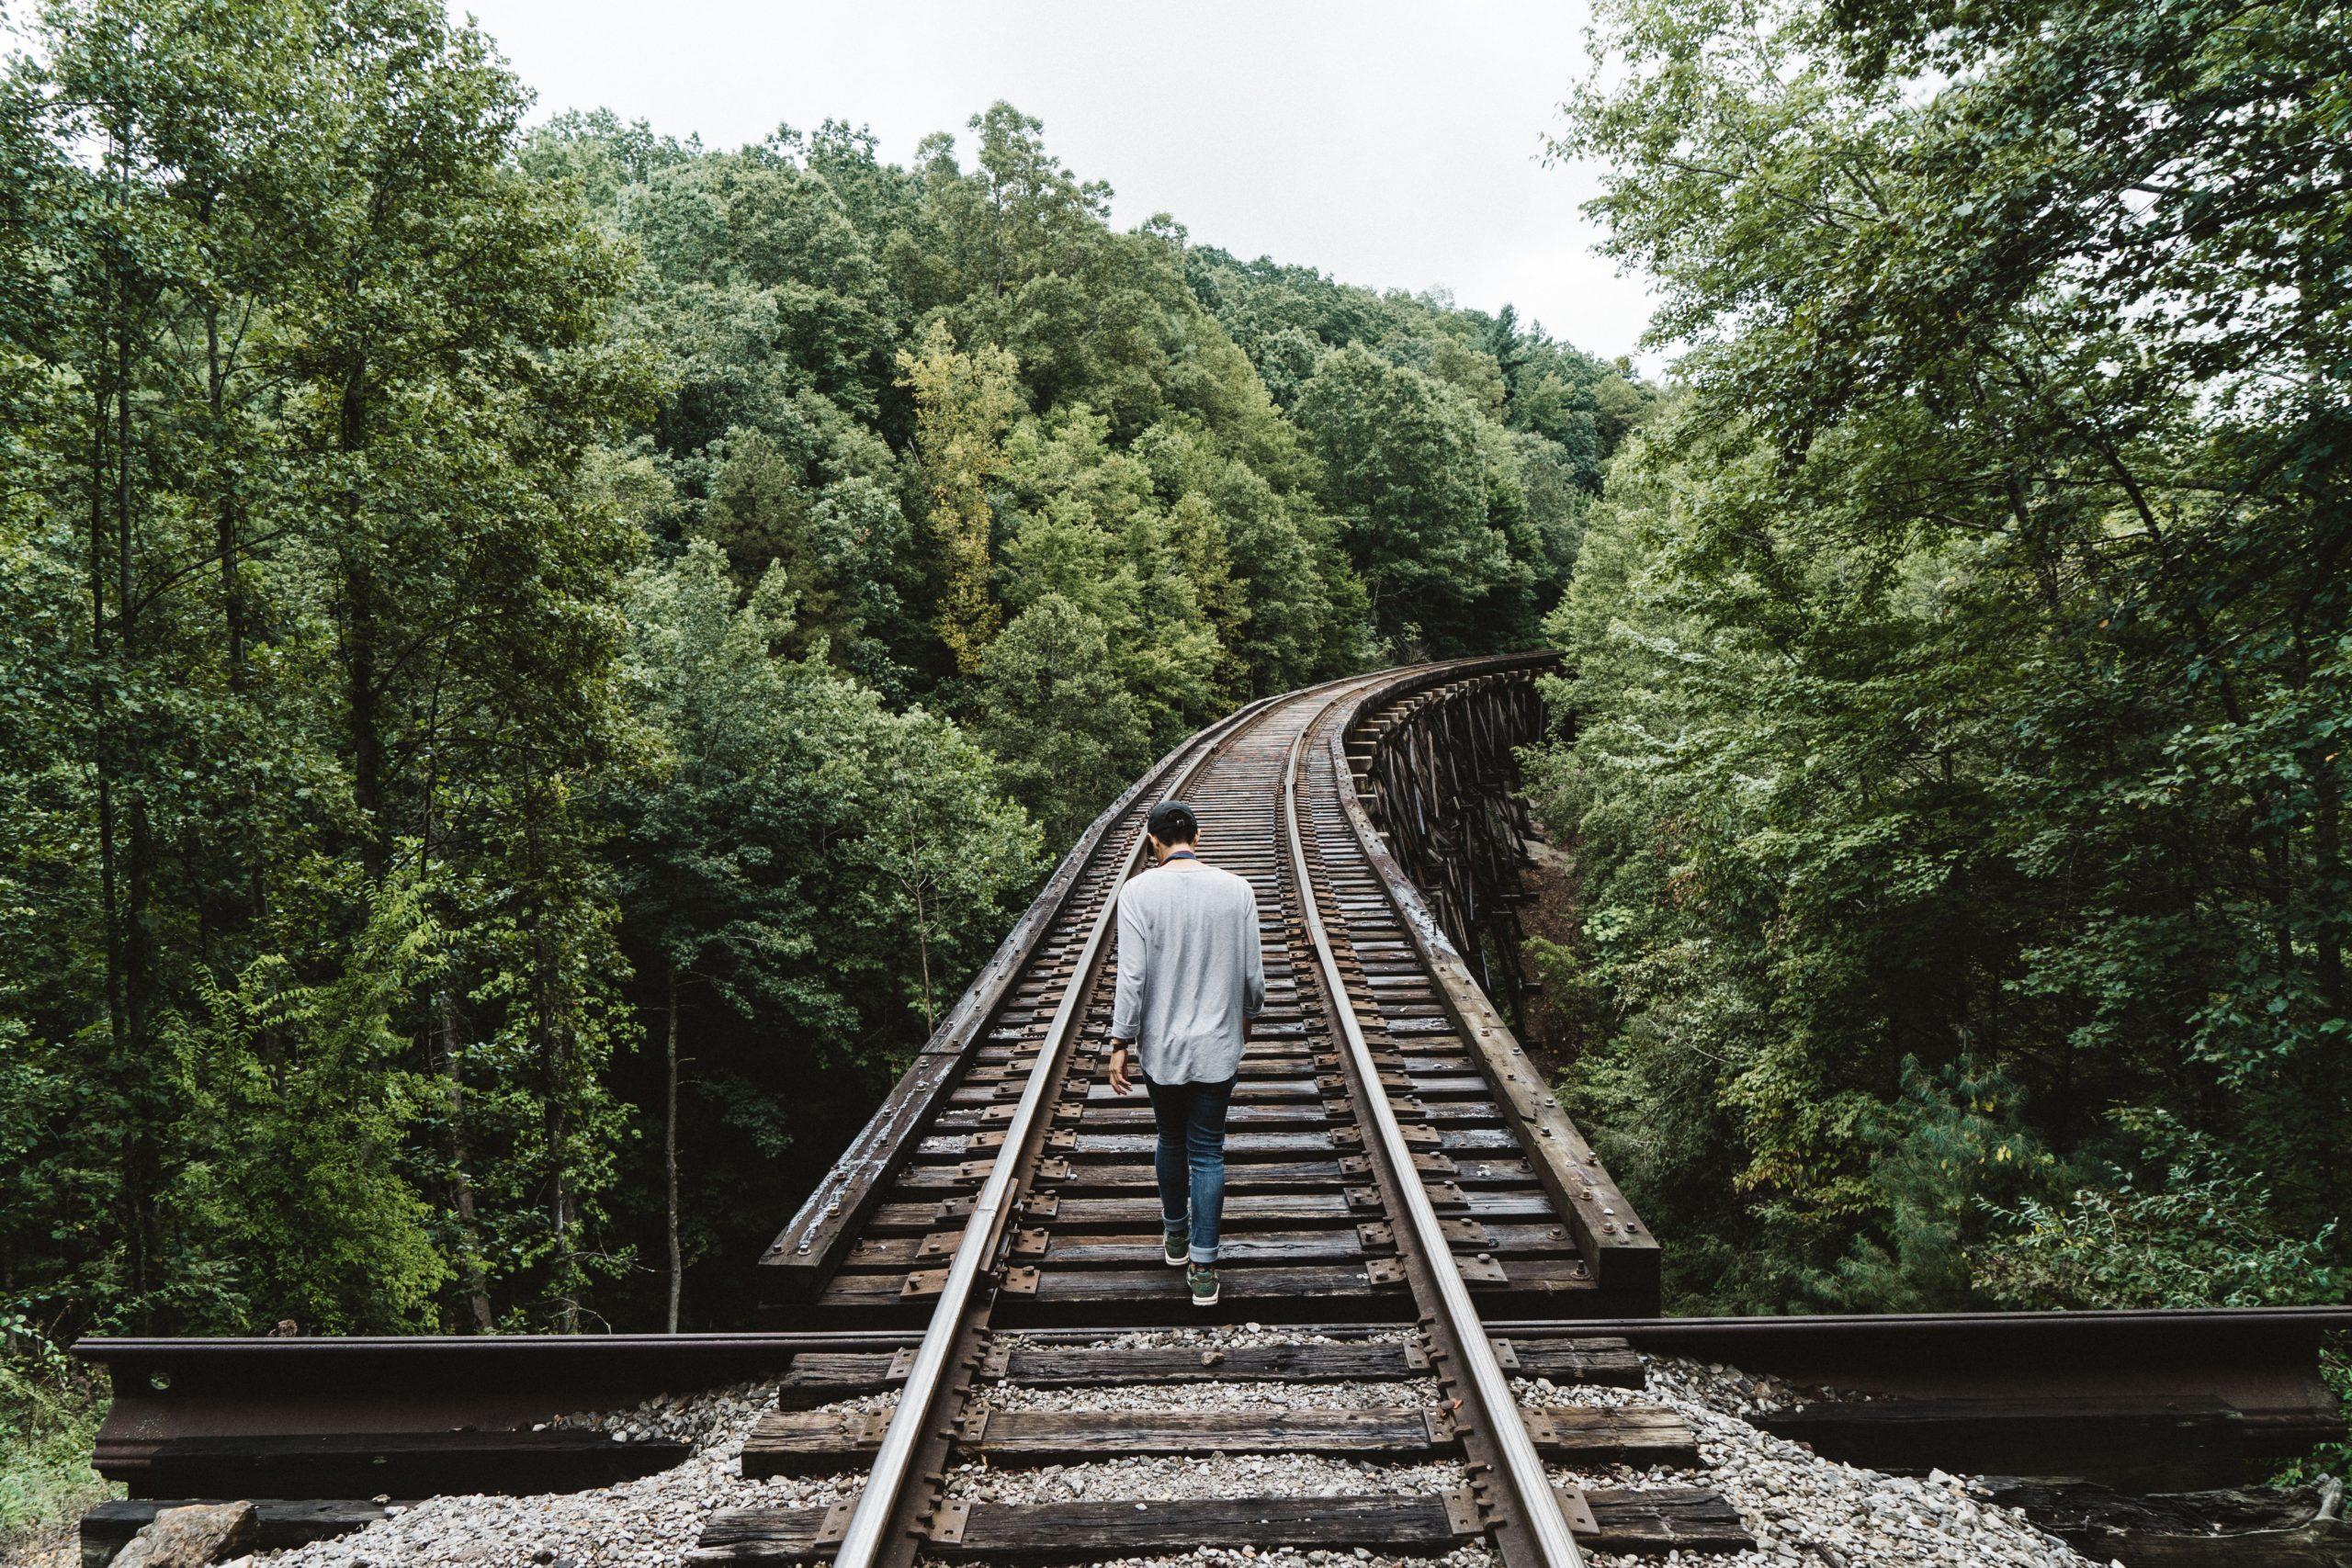 S'aimer - un voyage seul avec soi même